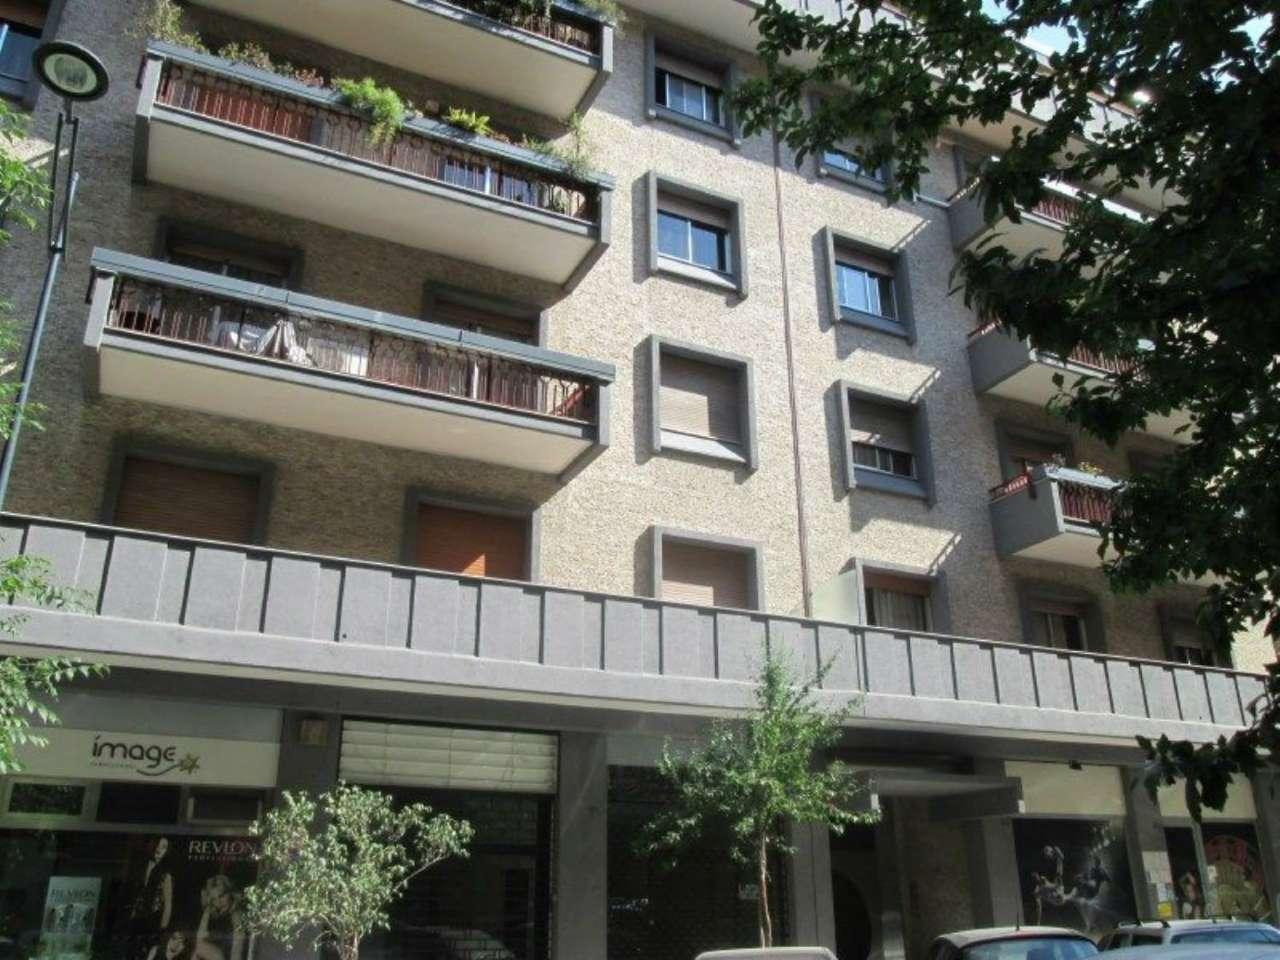 Appartamenti in affitto a palermo trovocasa for Appartamenti in affitto a palermo arredati